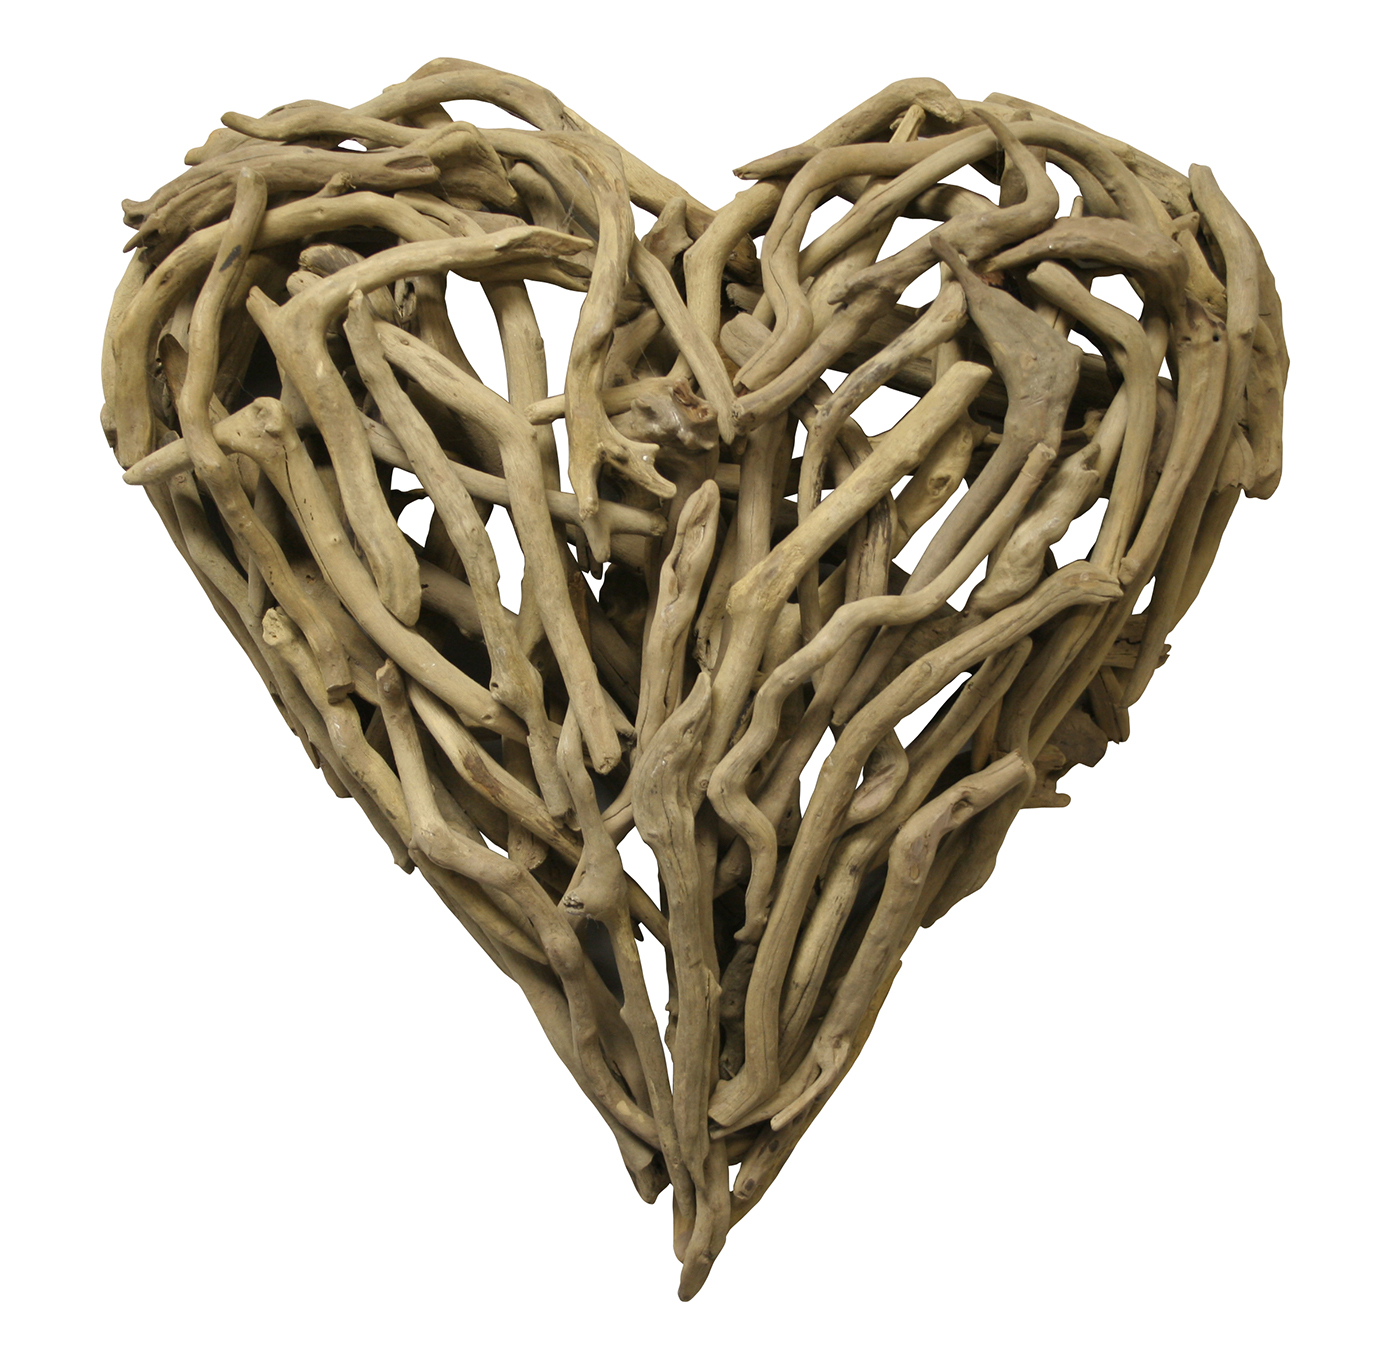 Driftwood Heart Sculpture 24 x 24